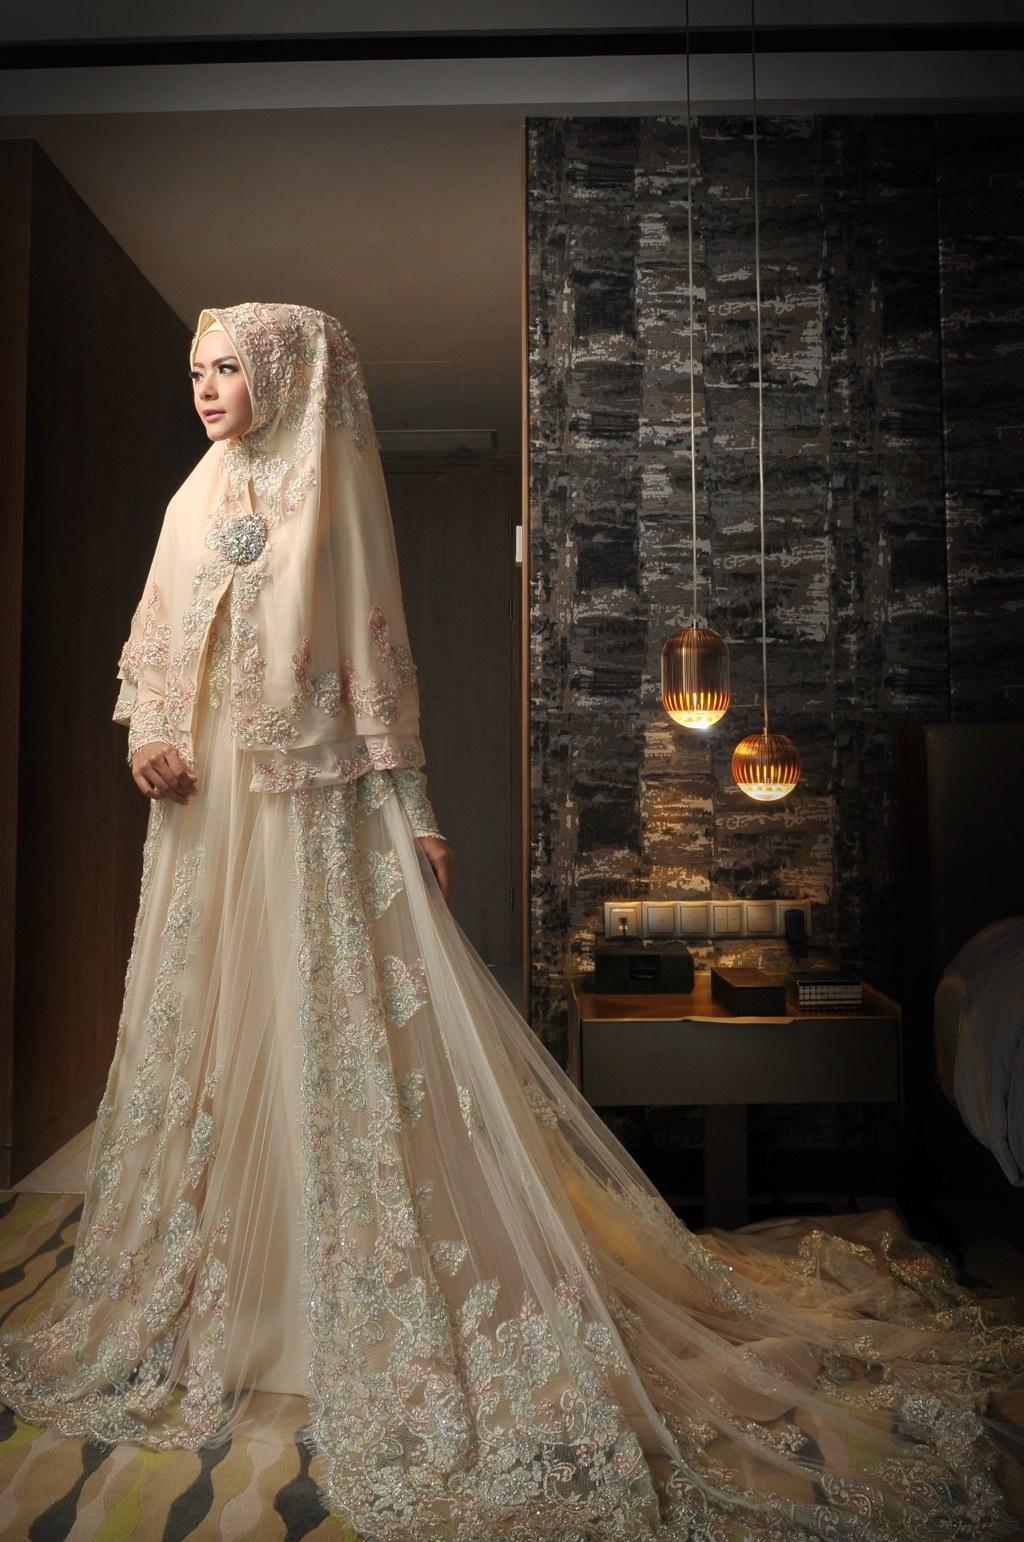 Ide Sewa Baju Pengantin Muslimah Bandung Wddj 80 Sewa Gaun Pengantin Dan Make Up Jakarta